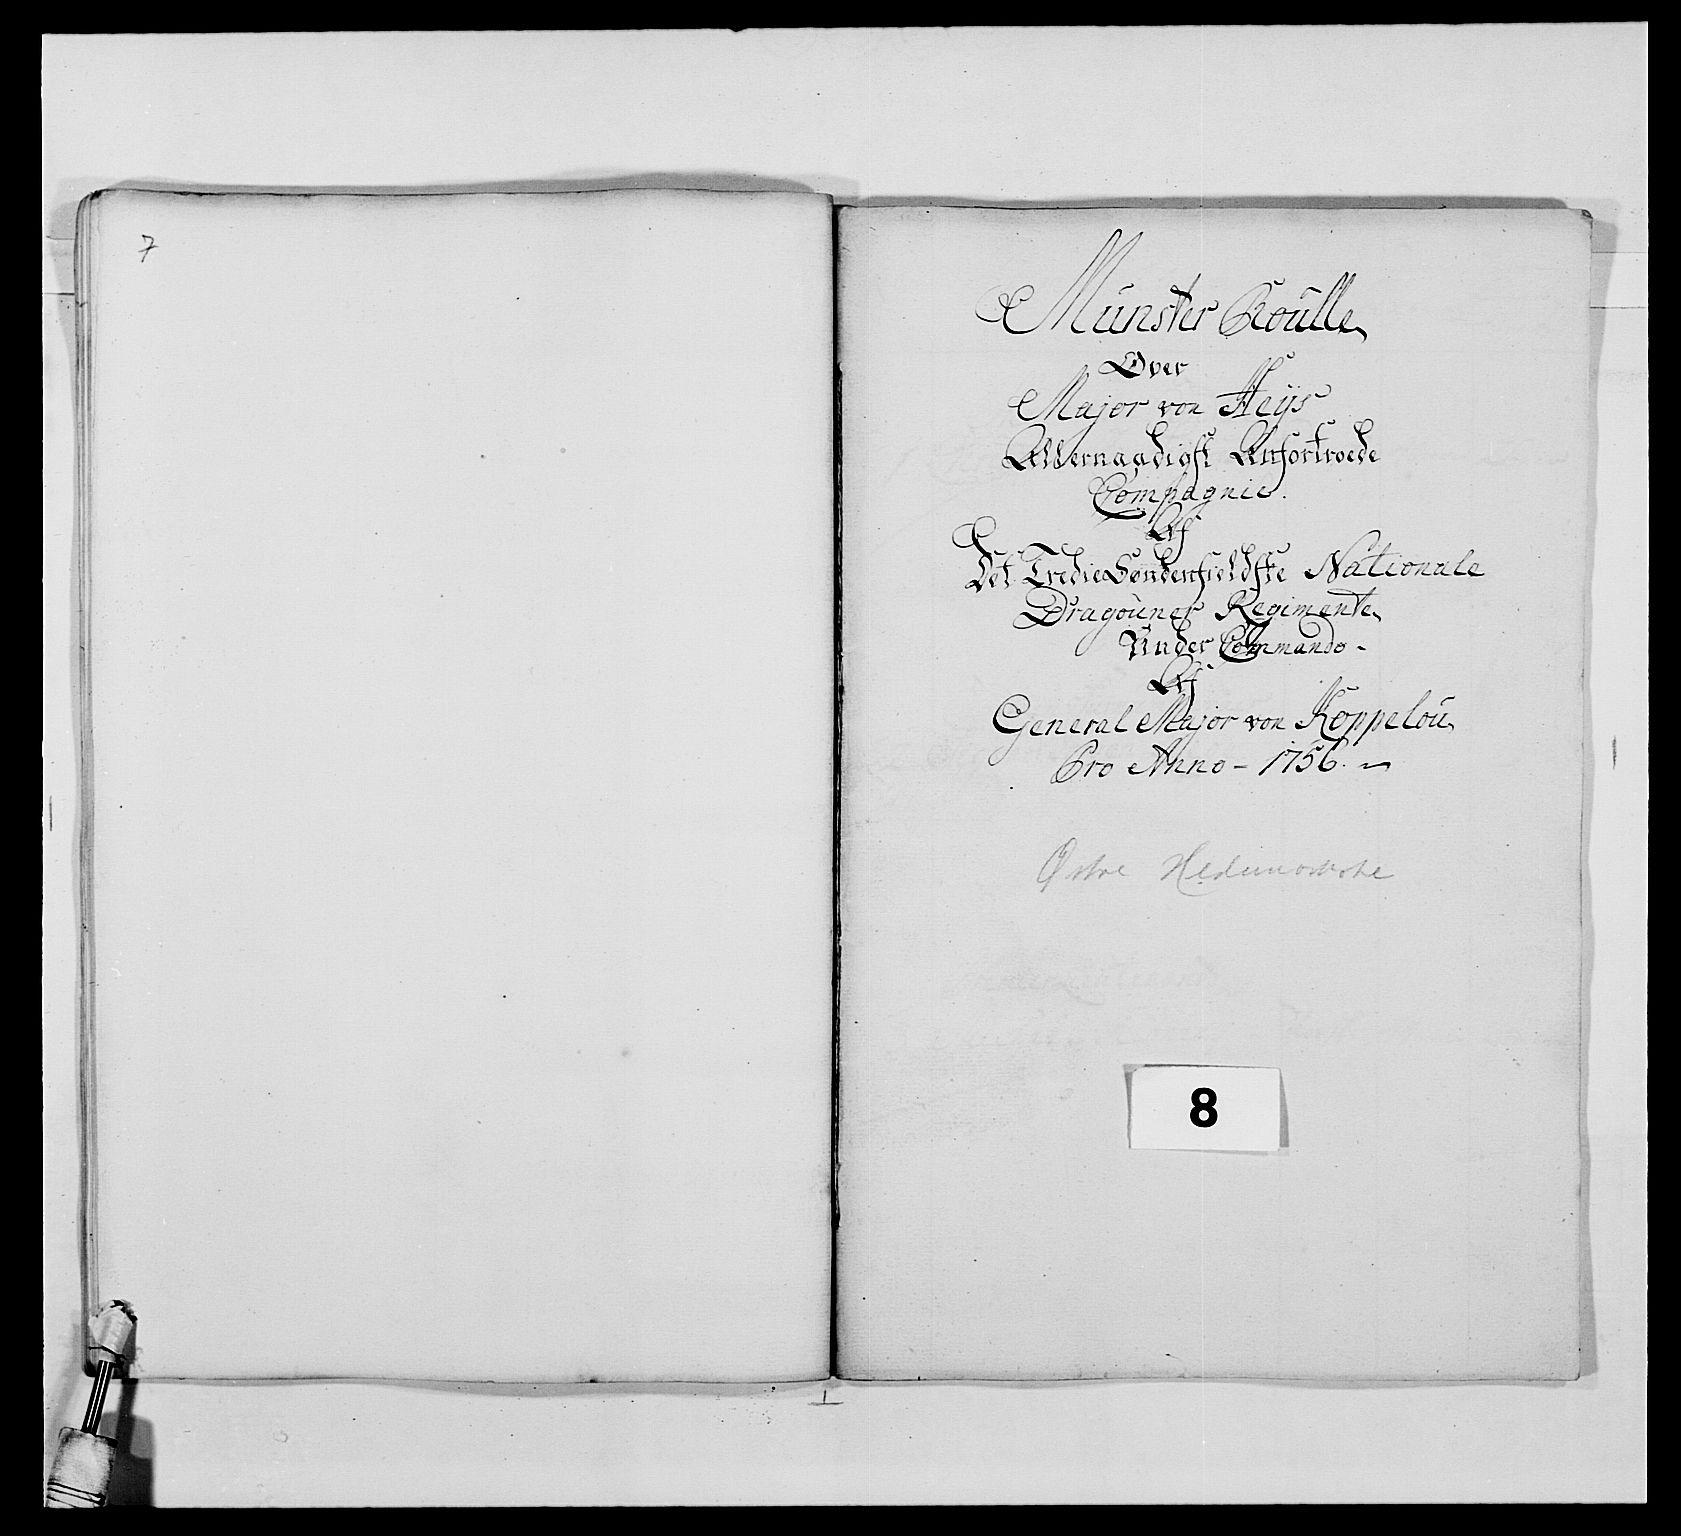 RA, Kommanderende general (KG I) med Det norske krigsdirektorium, E/Ea/L0479: 3. Sønnafjelske dragonregiment, 1756-1760, s. 141